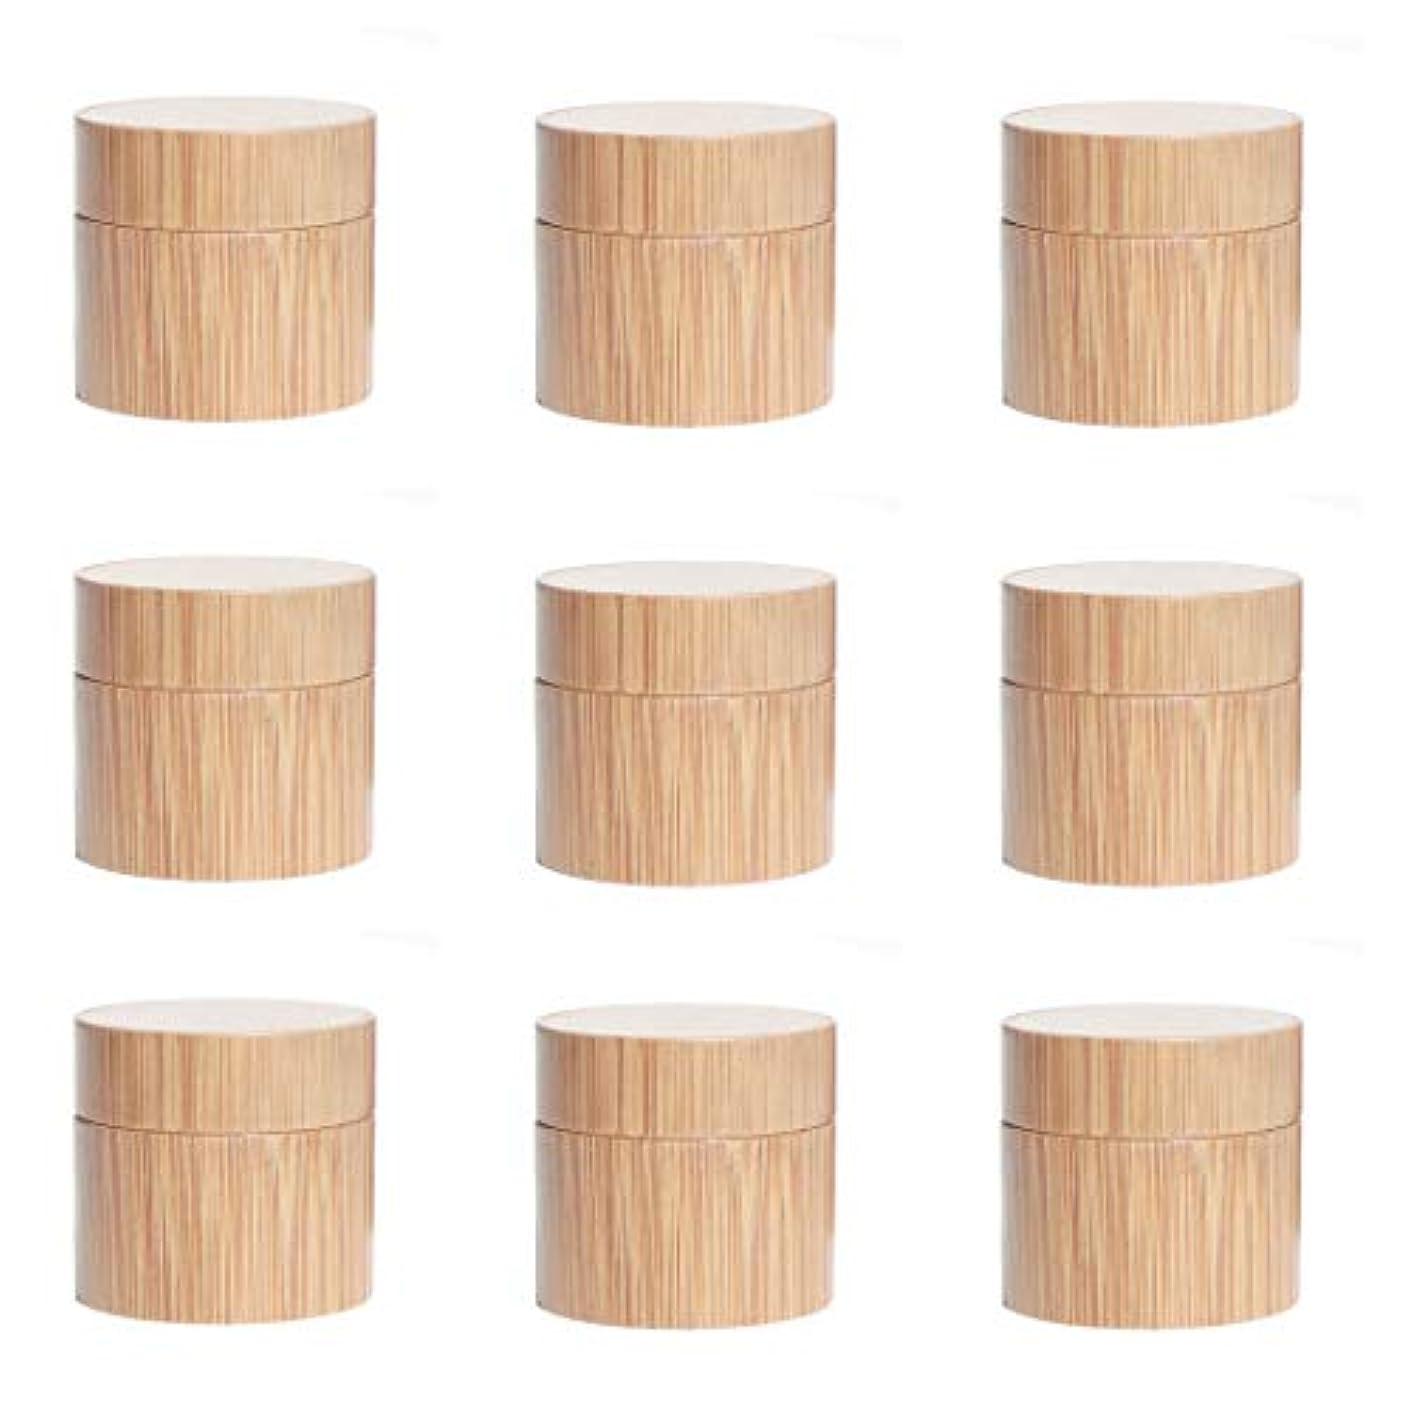 ビーズメッセンジャー共同選択Yiteng スポイト遮光瓶 アロマオイル 精油 香水やアロマの保存 遮光瓶 小分け用 保存 詰替え 竹製 9本セット (15g)